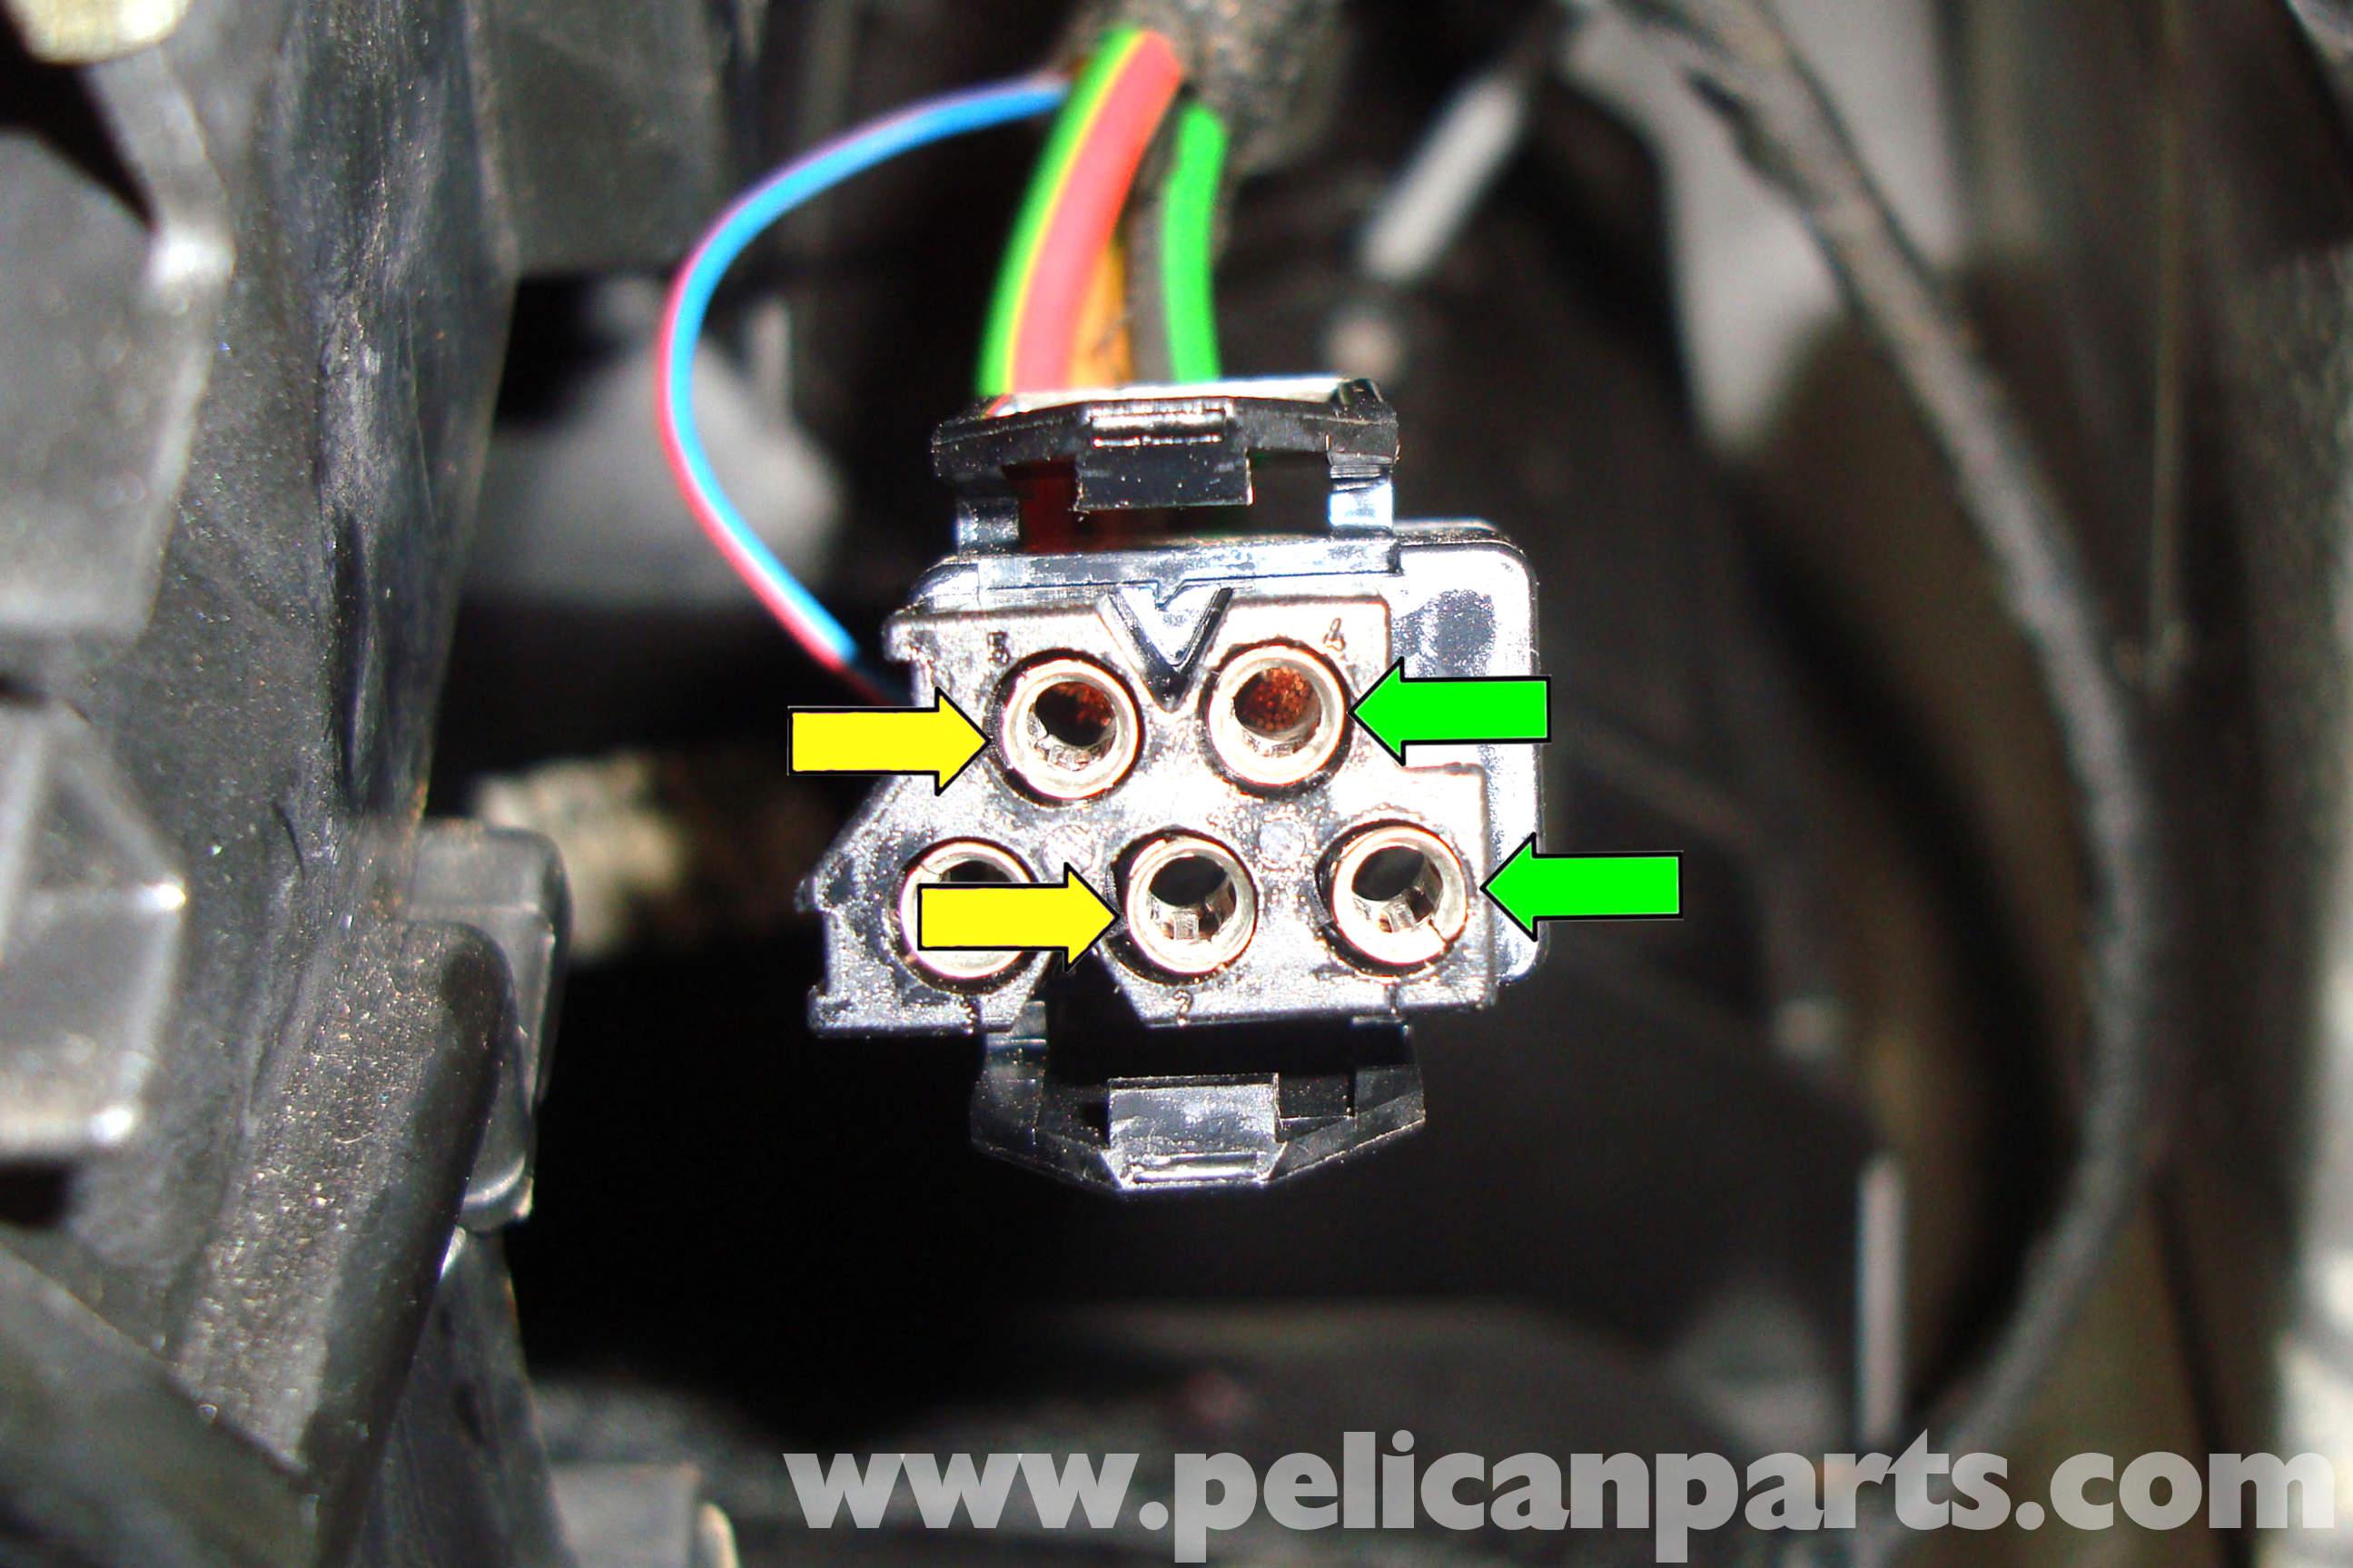 Bmw E39 5 Series Blower Motor Testing 1997 2003 525i 528i 530i 1999 Ac Wiring Large Image Extra